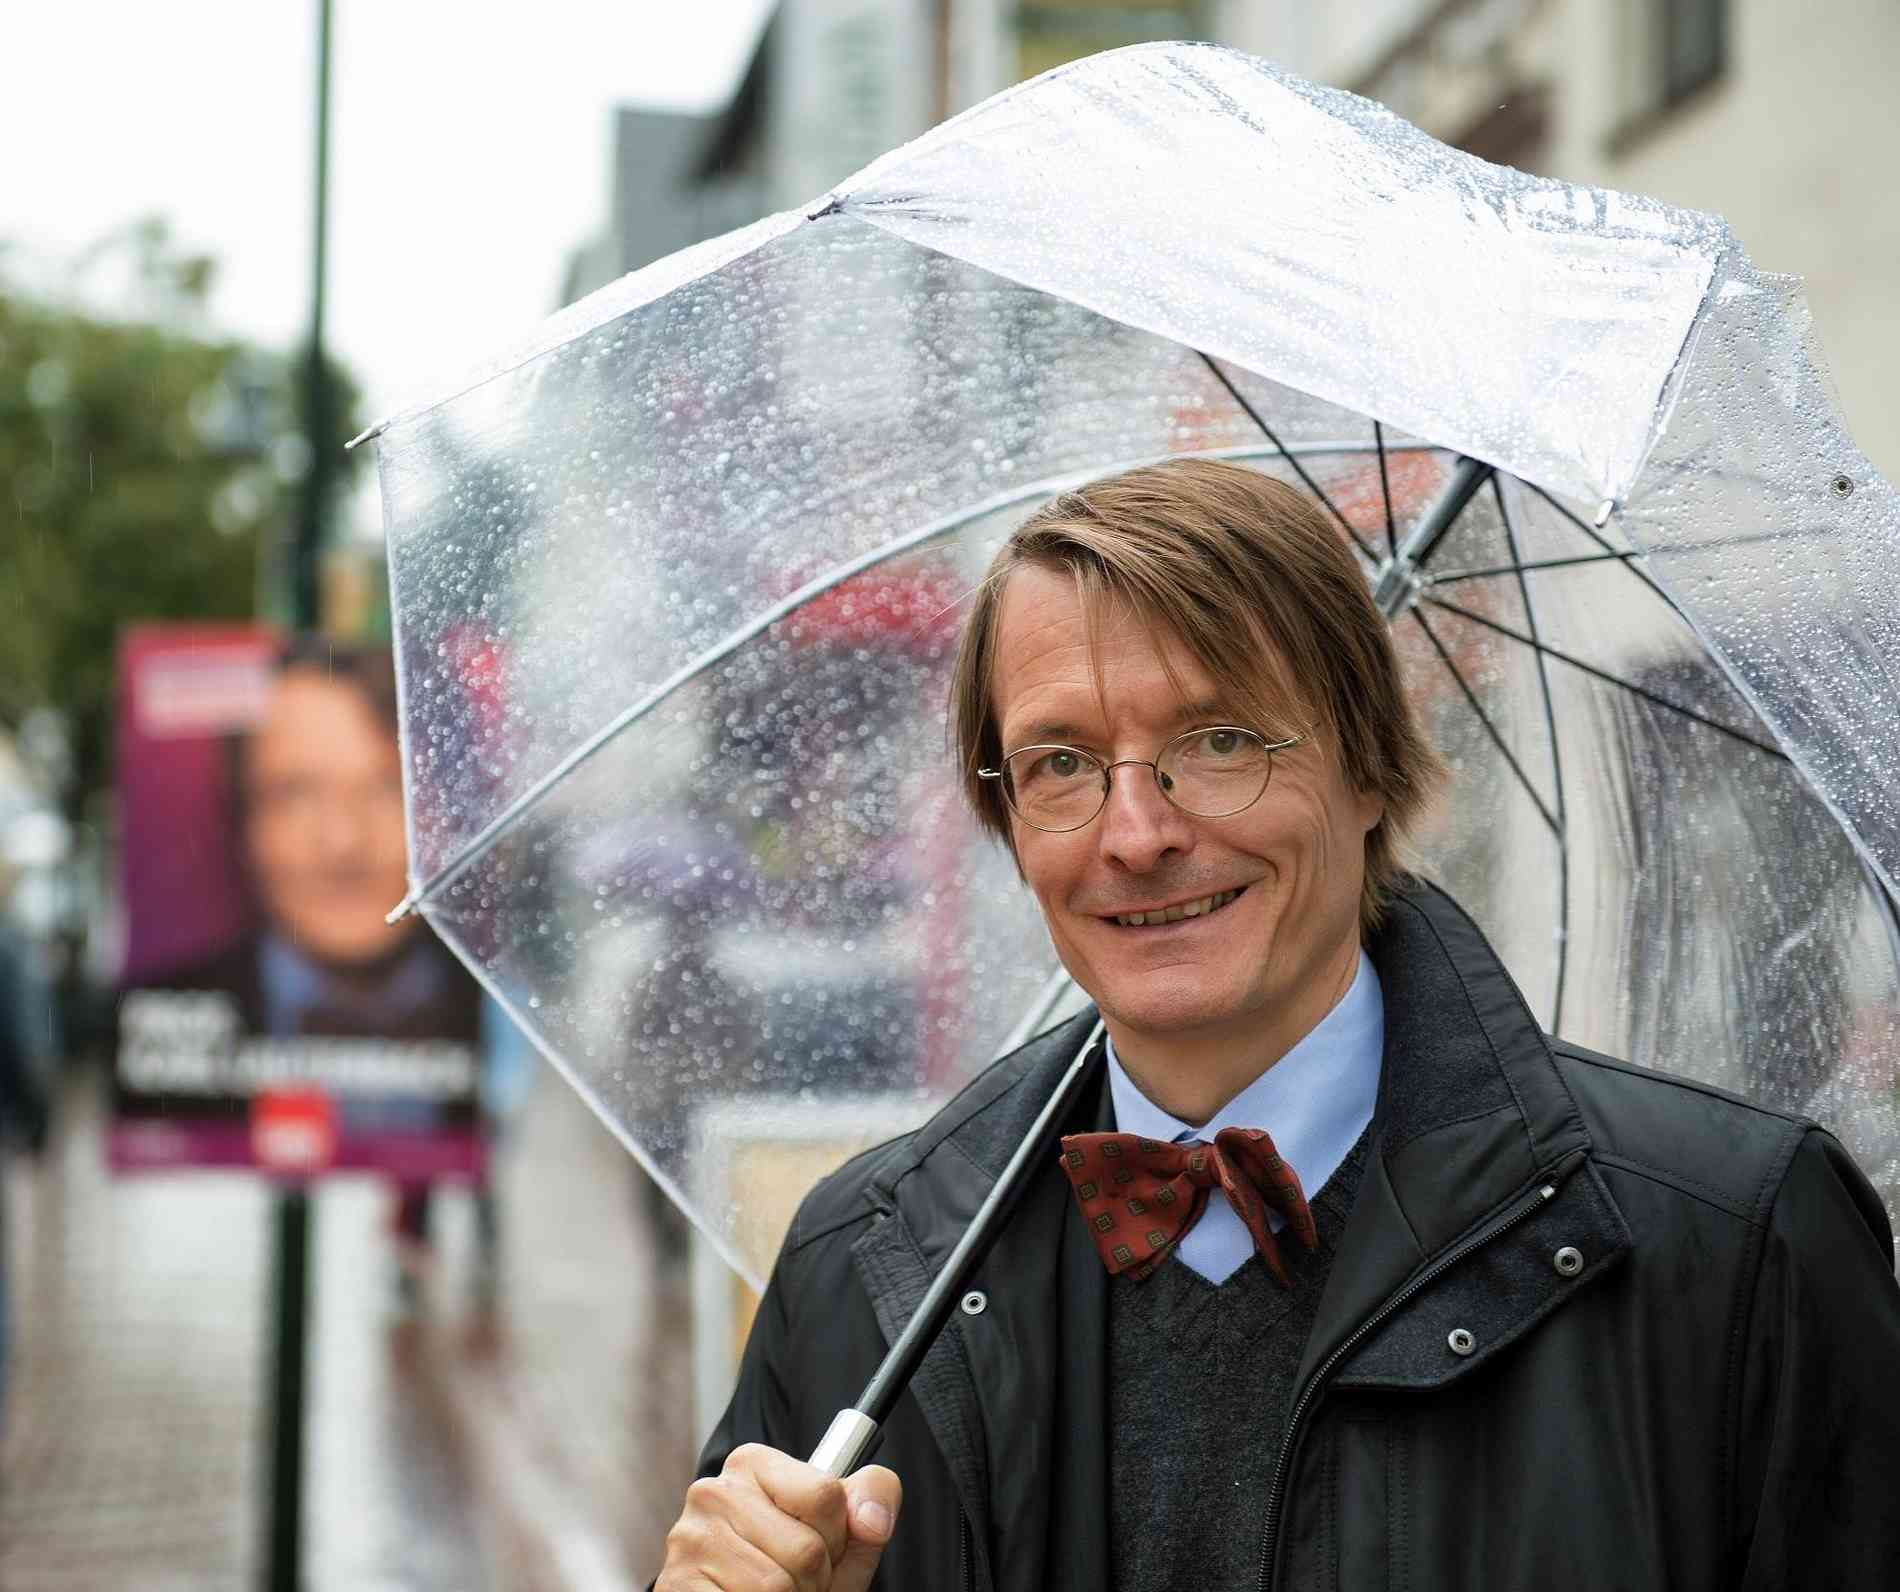 Bundestagswahl 2013 Karl Lauterbach Ich Kann In Berlin Viel Bewegen